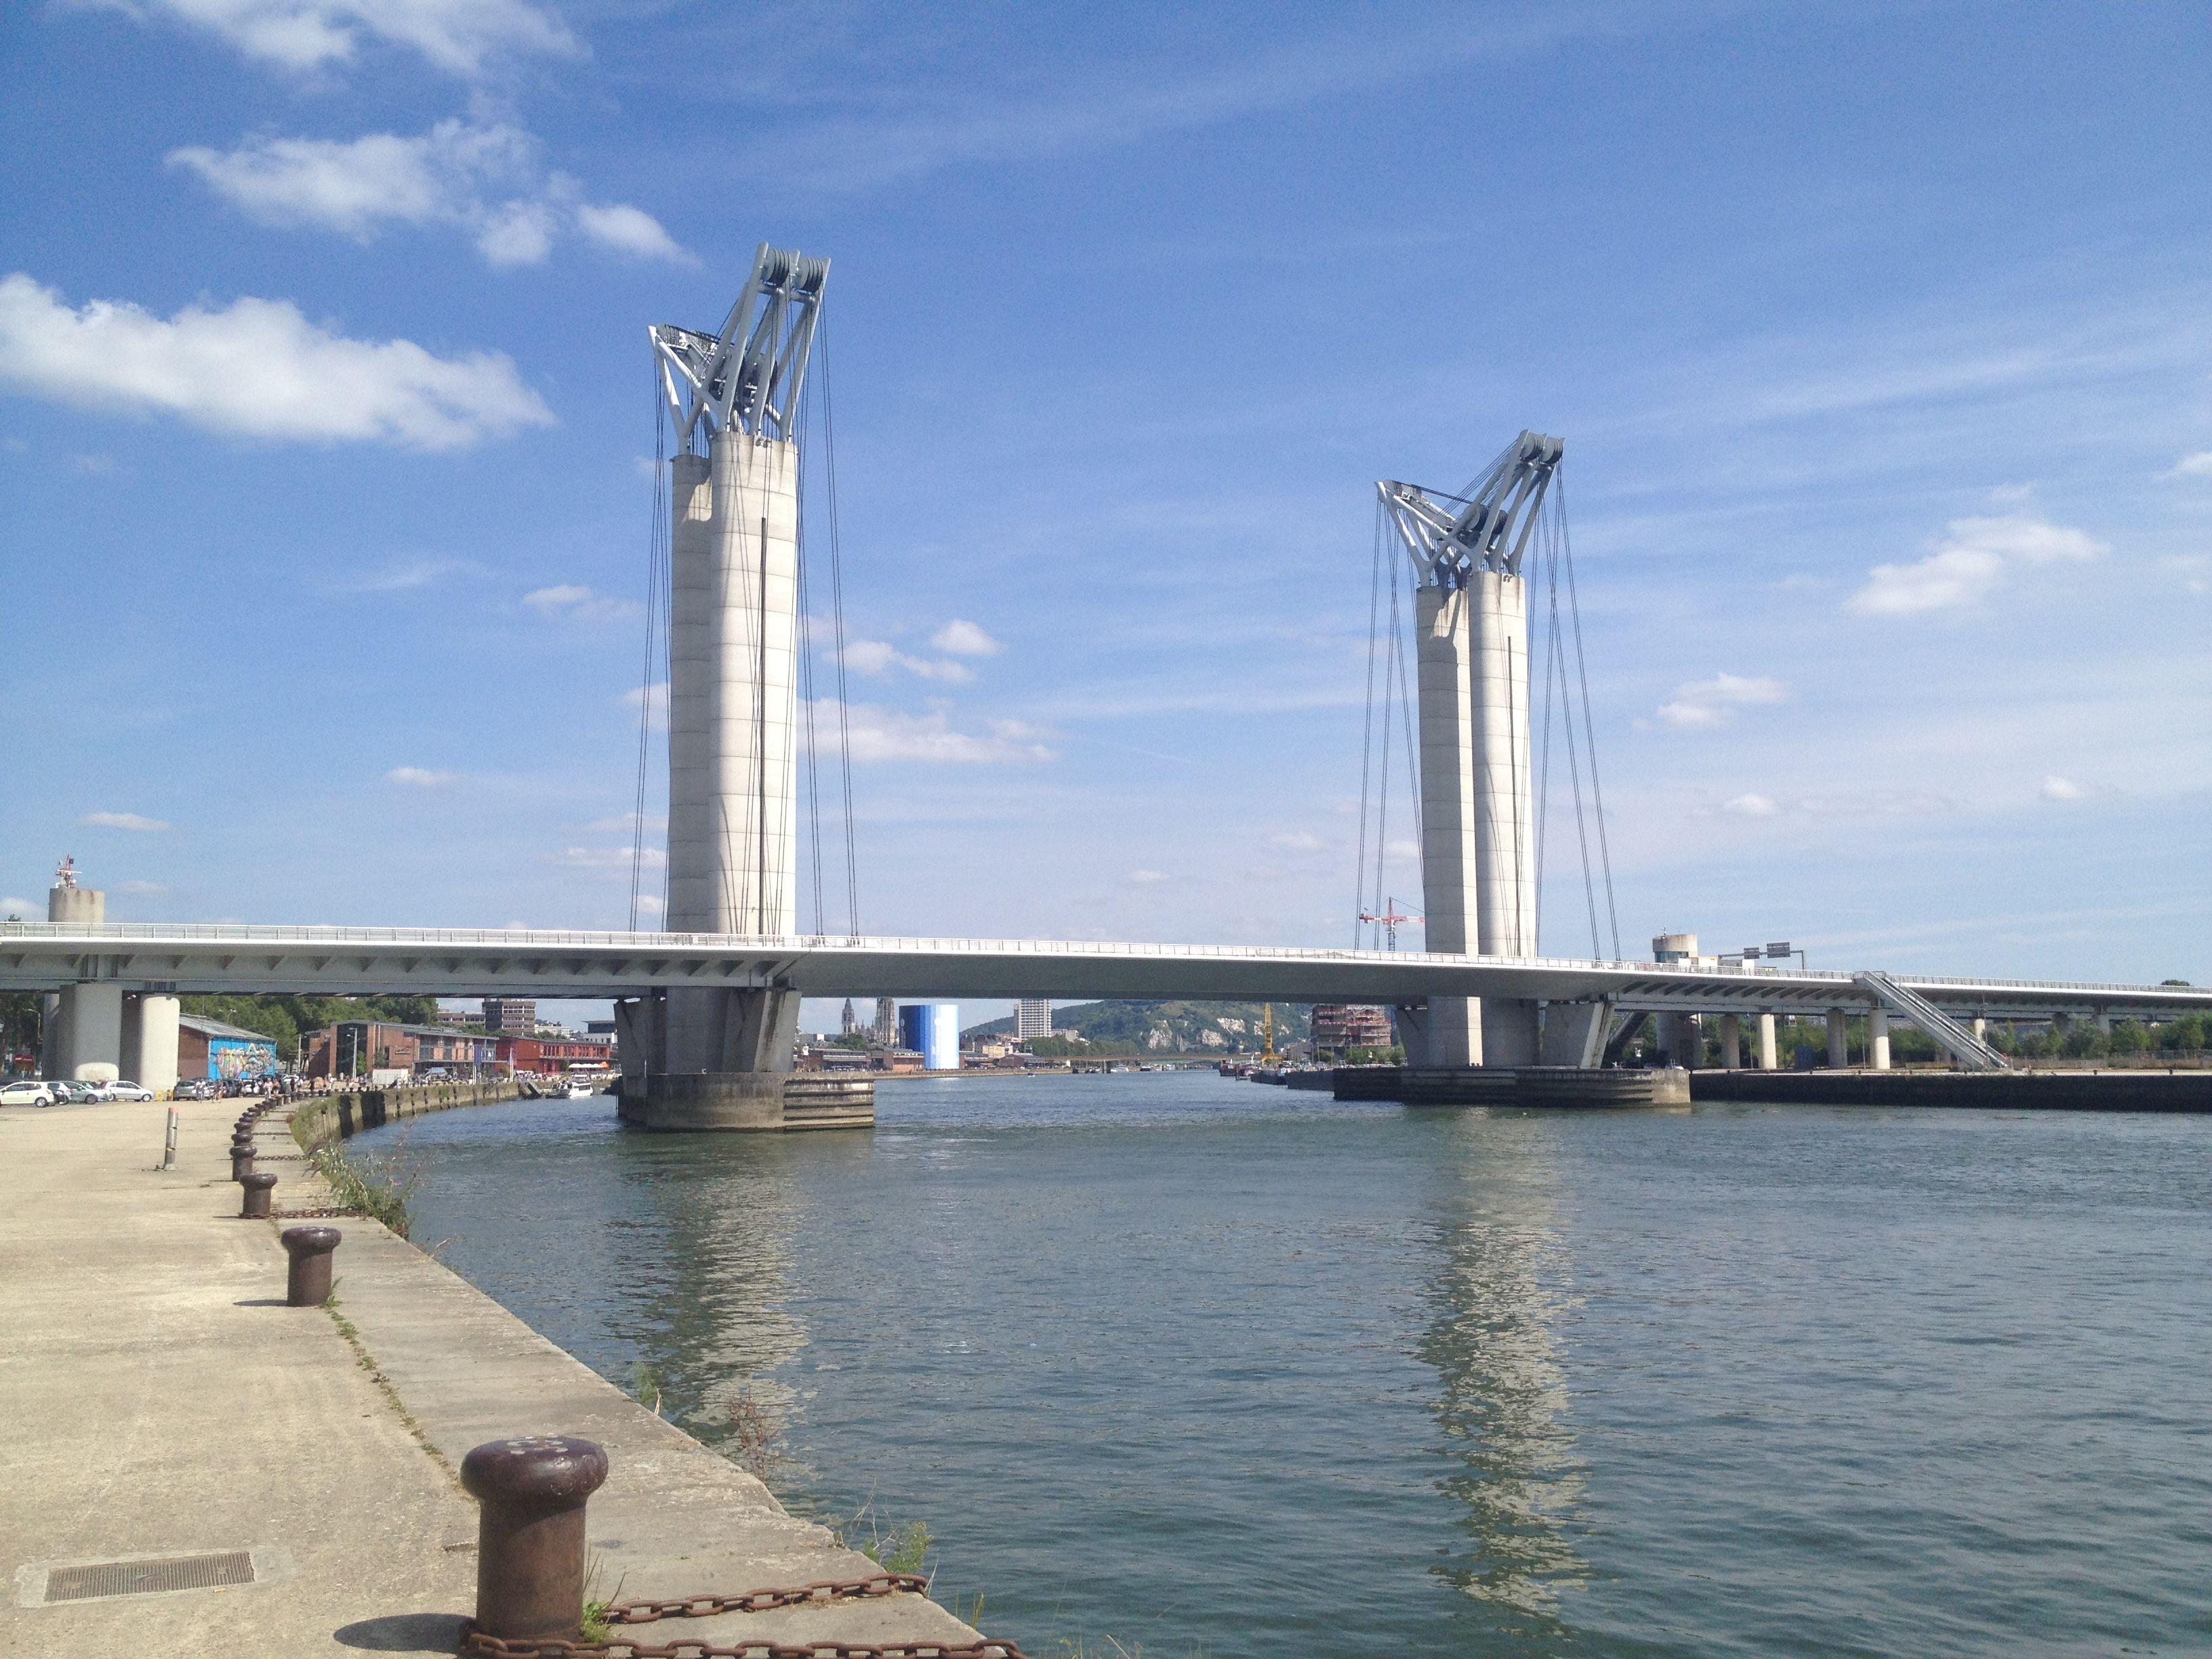 Port de Rouen - (Jean-Luc, 14.08.2016)